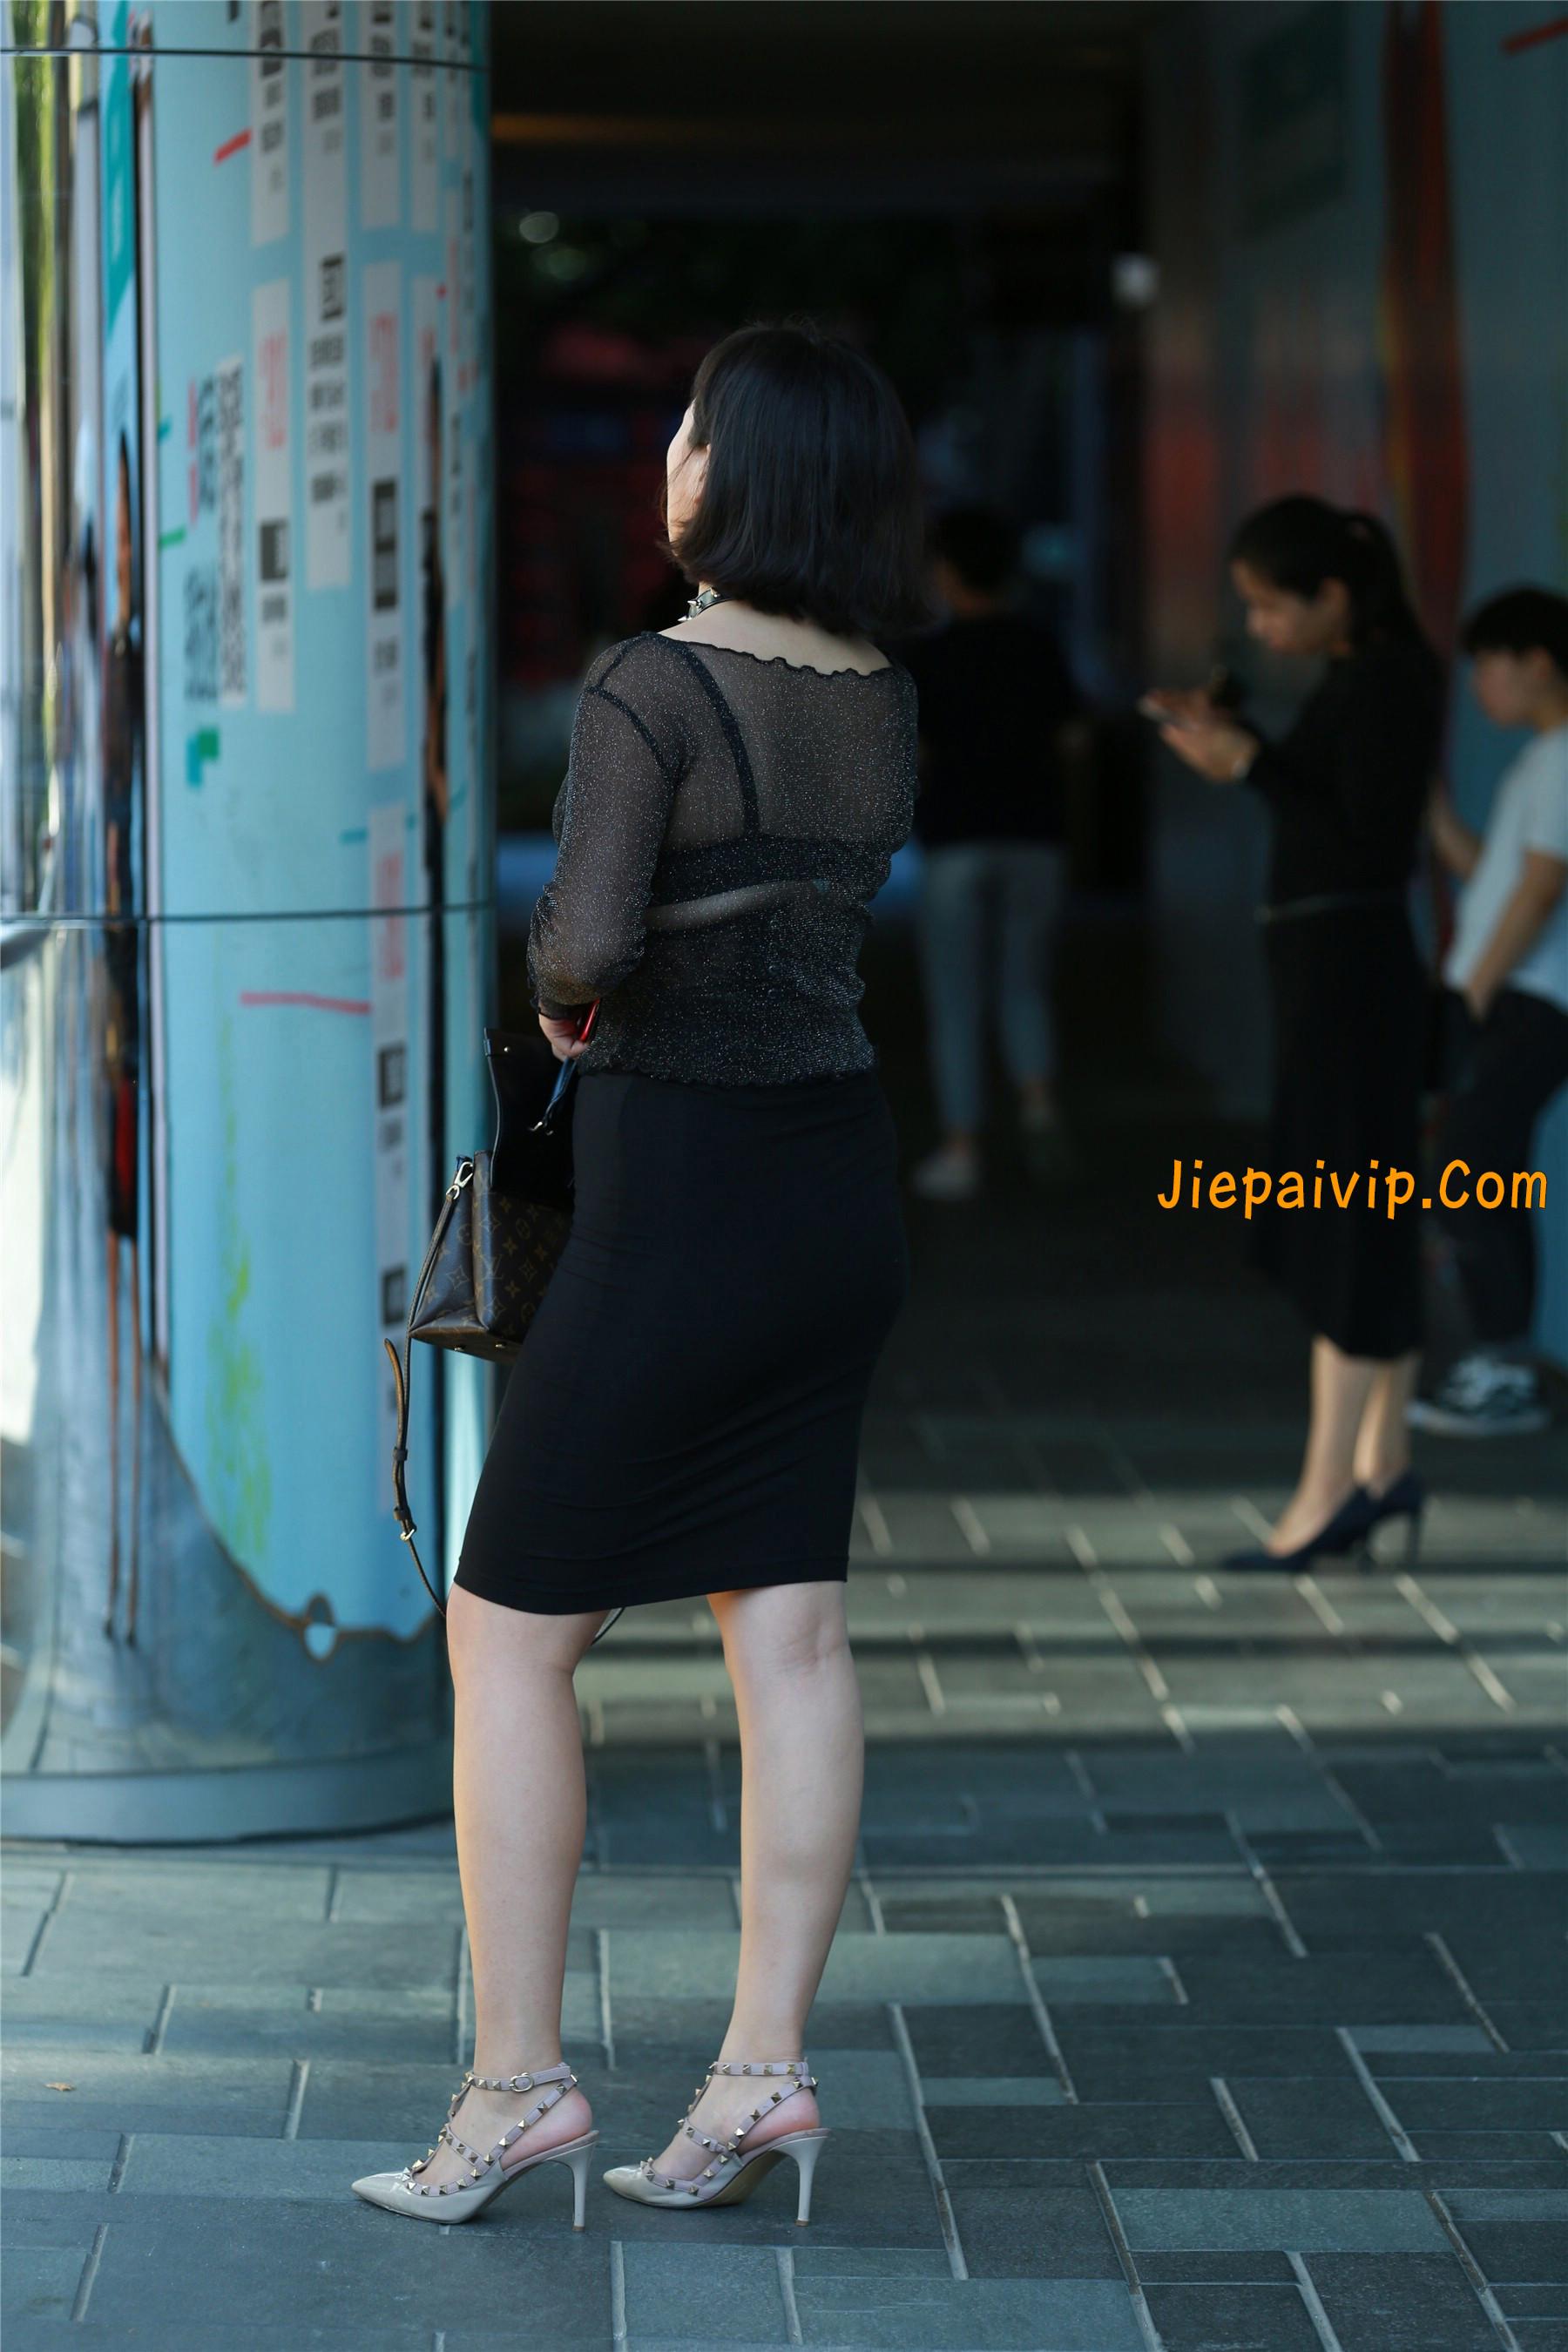 黑纱若隐若现,美腿包臀少妇5